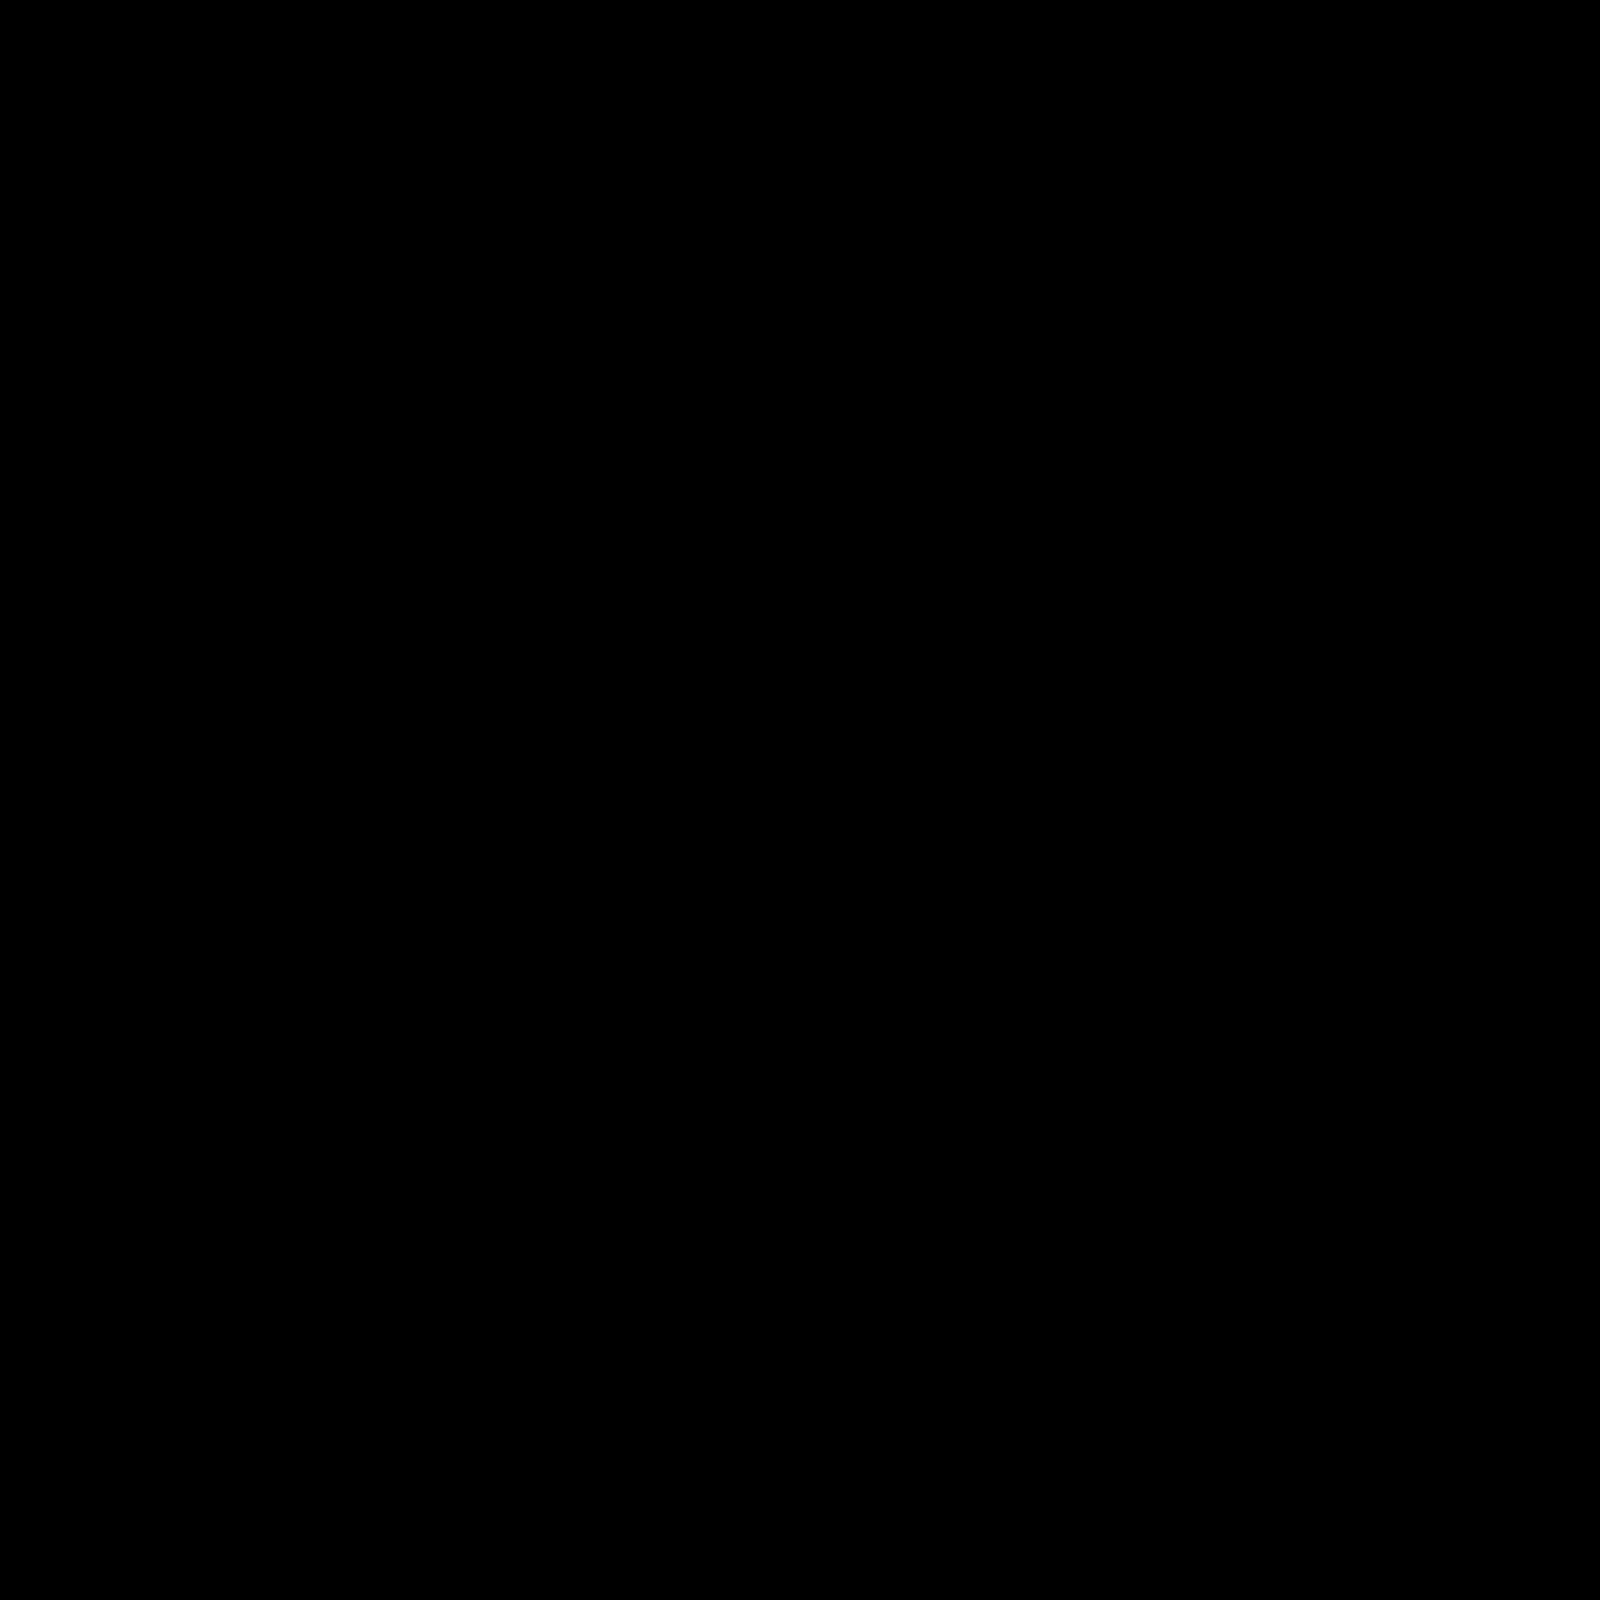 フォルダーに保存 icon